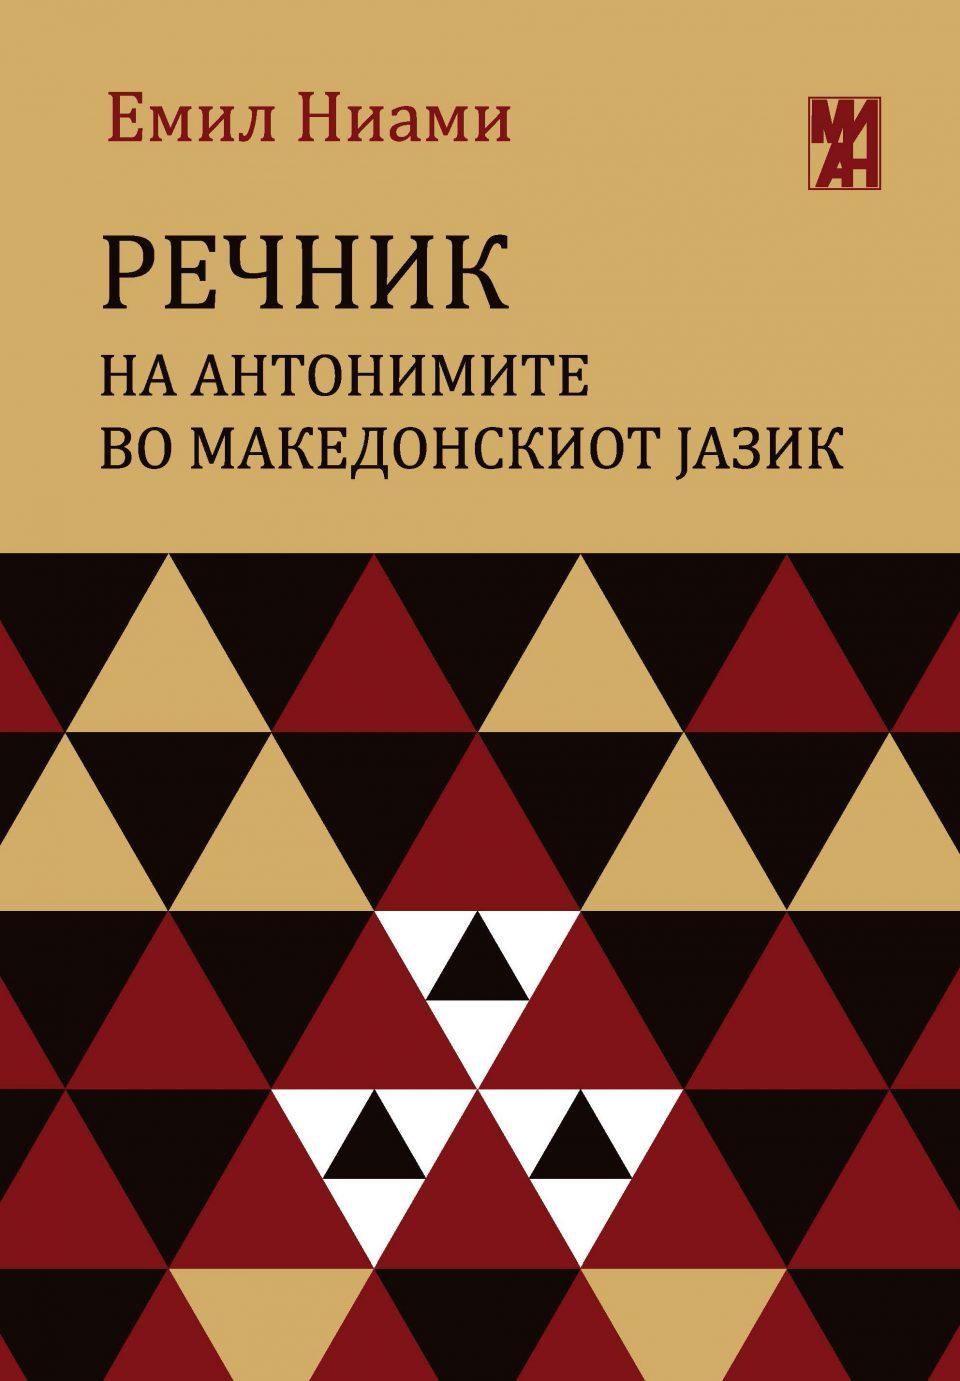 """""""Ми-Ан"""" ќе го промовира првиот Речник на антонимите во македонскиот јазик подготвен од Емил Ниами"""